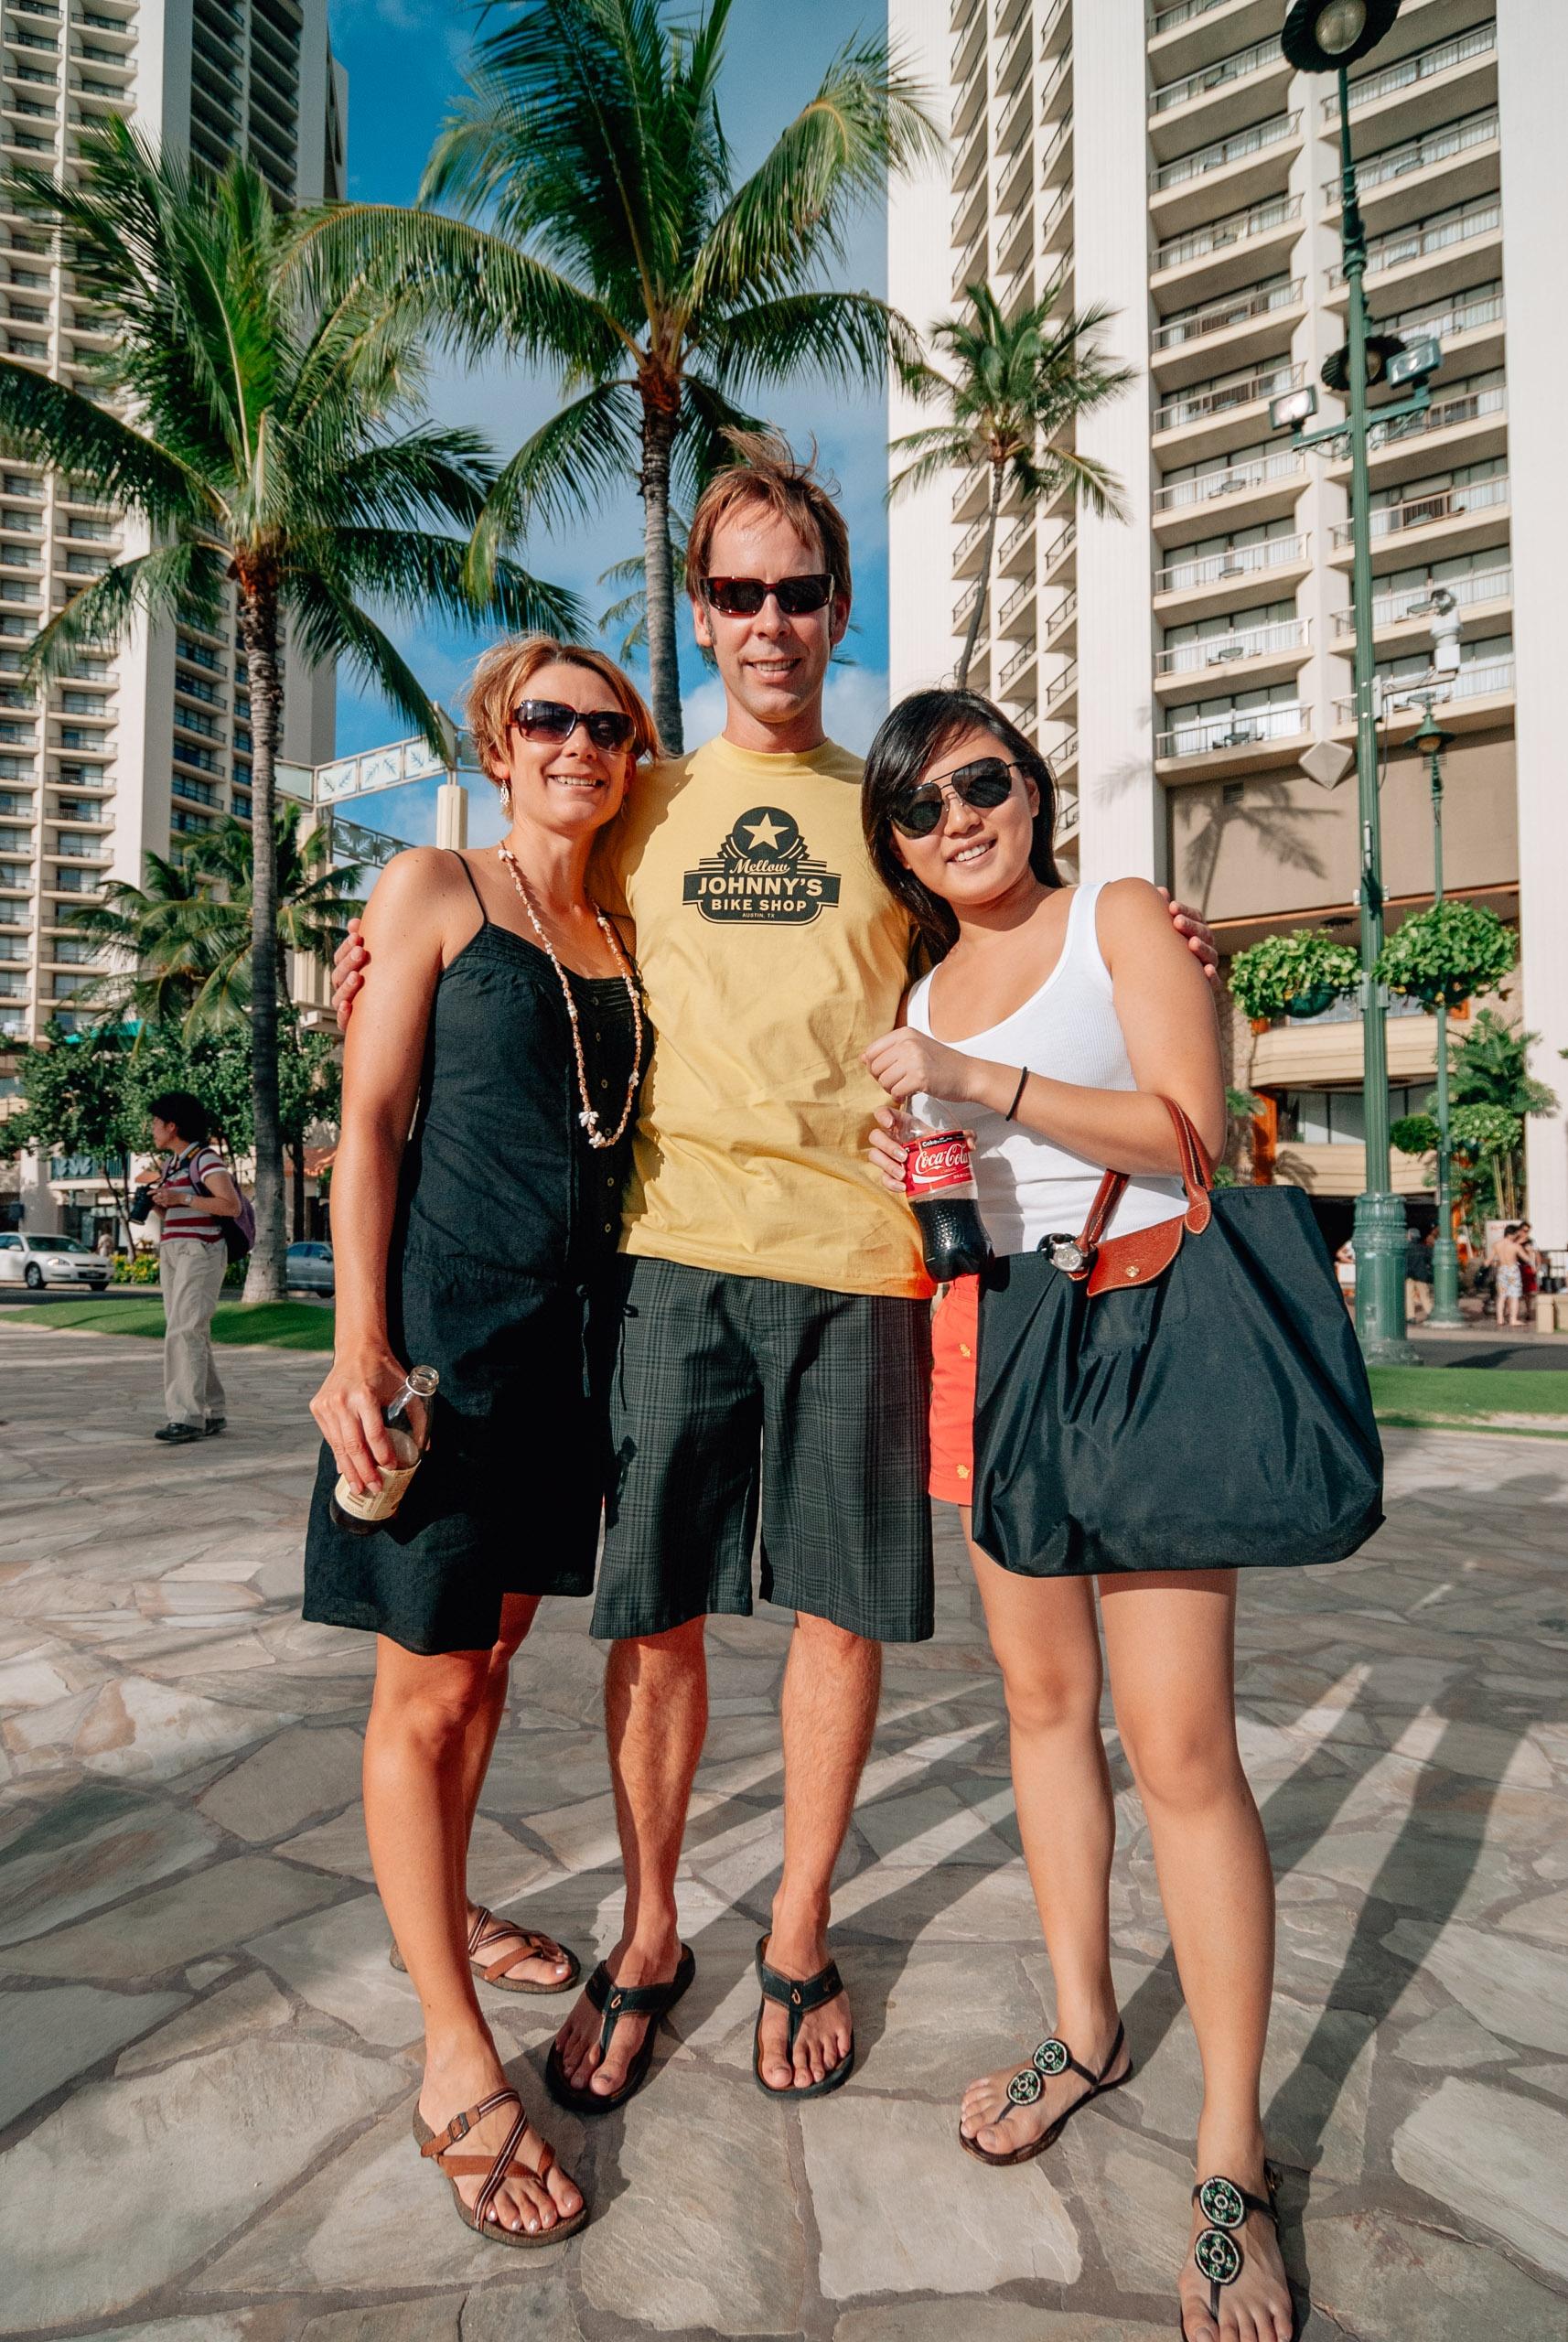 Carey John & Jessica in Waikiki